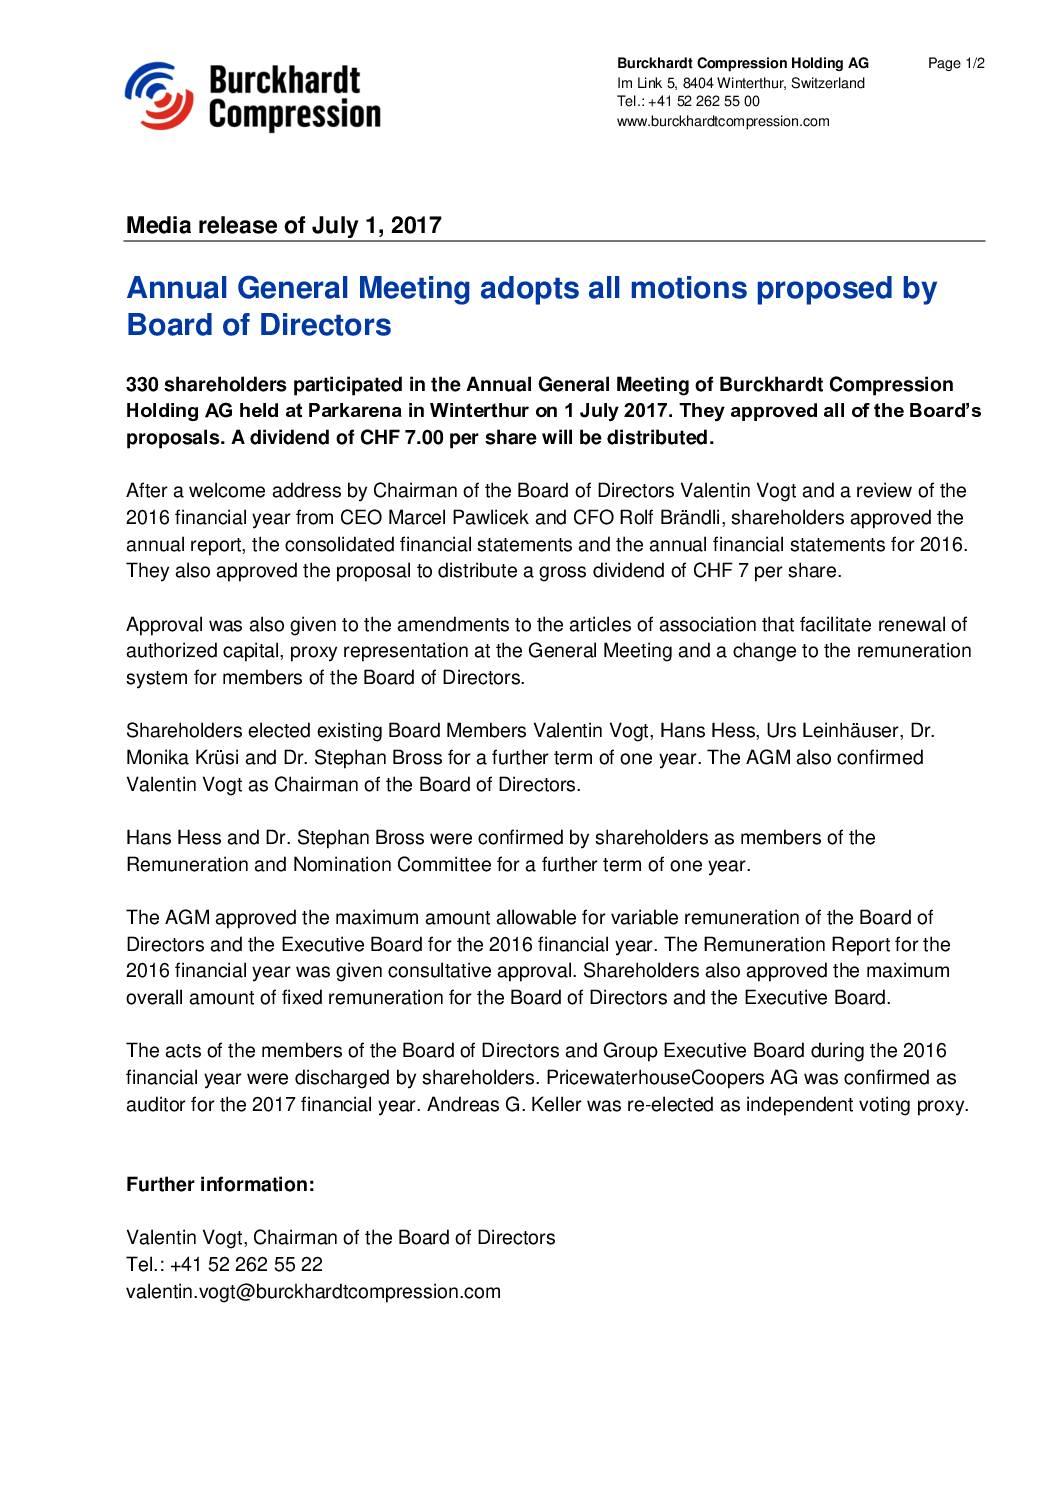 societe generale annual report 2017 pdf